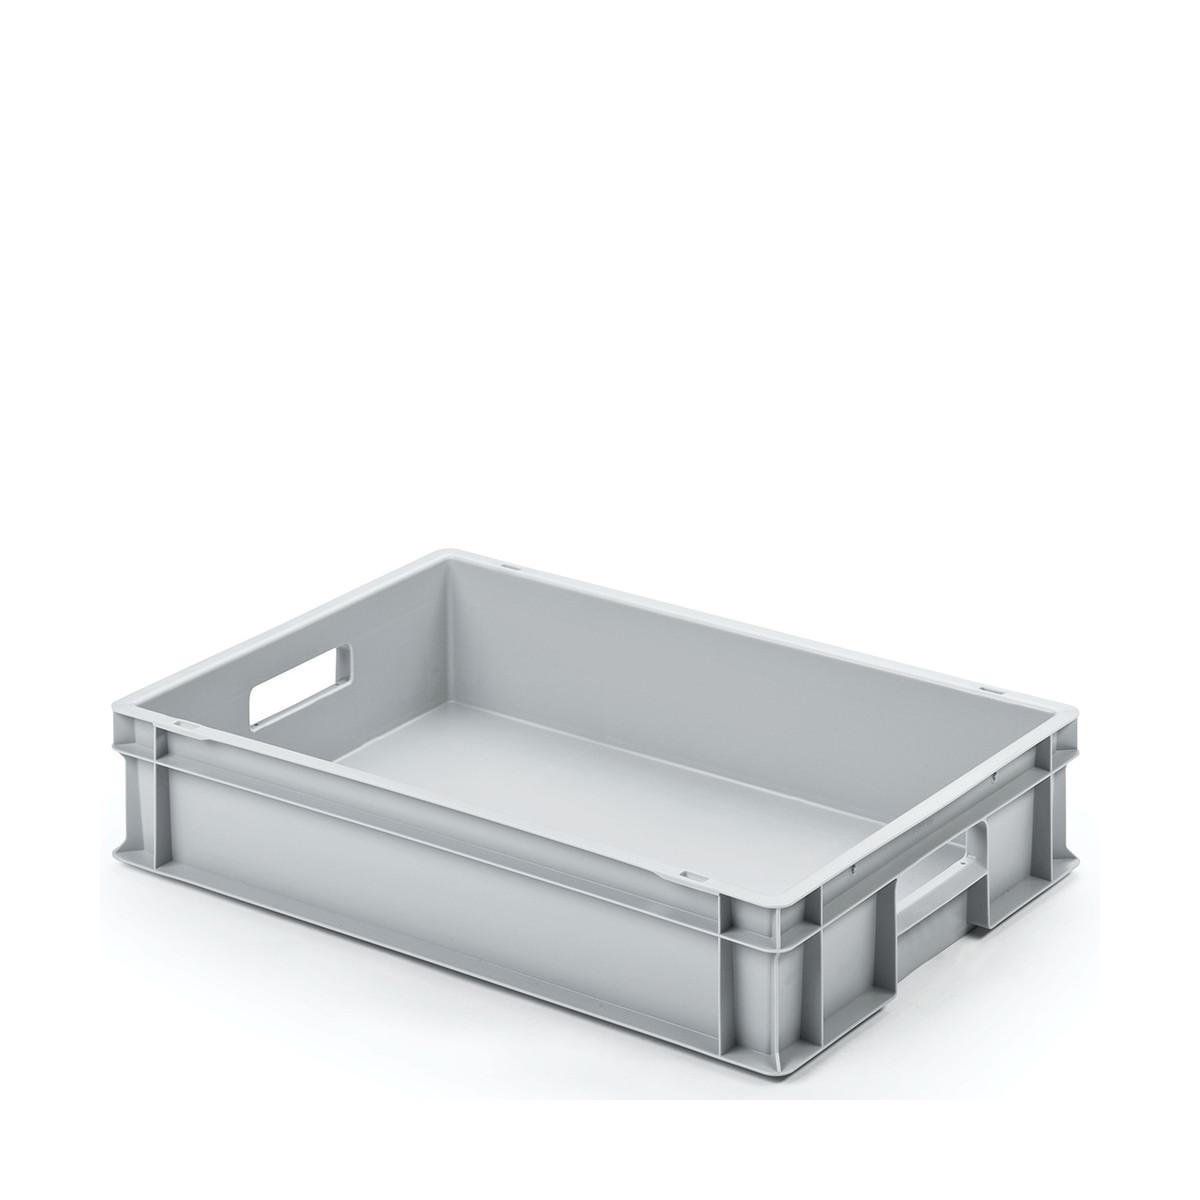 unista lagerboxen 60 x 40 x 12 cm schattec technischer handel 8 11. Black Bedroom Furniture Sets. Home Design Ideas